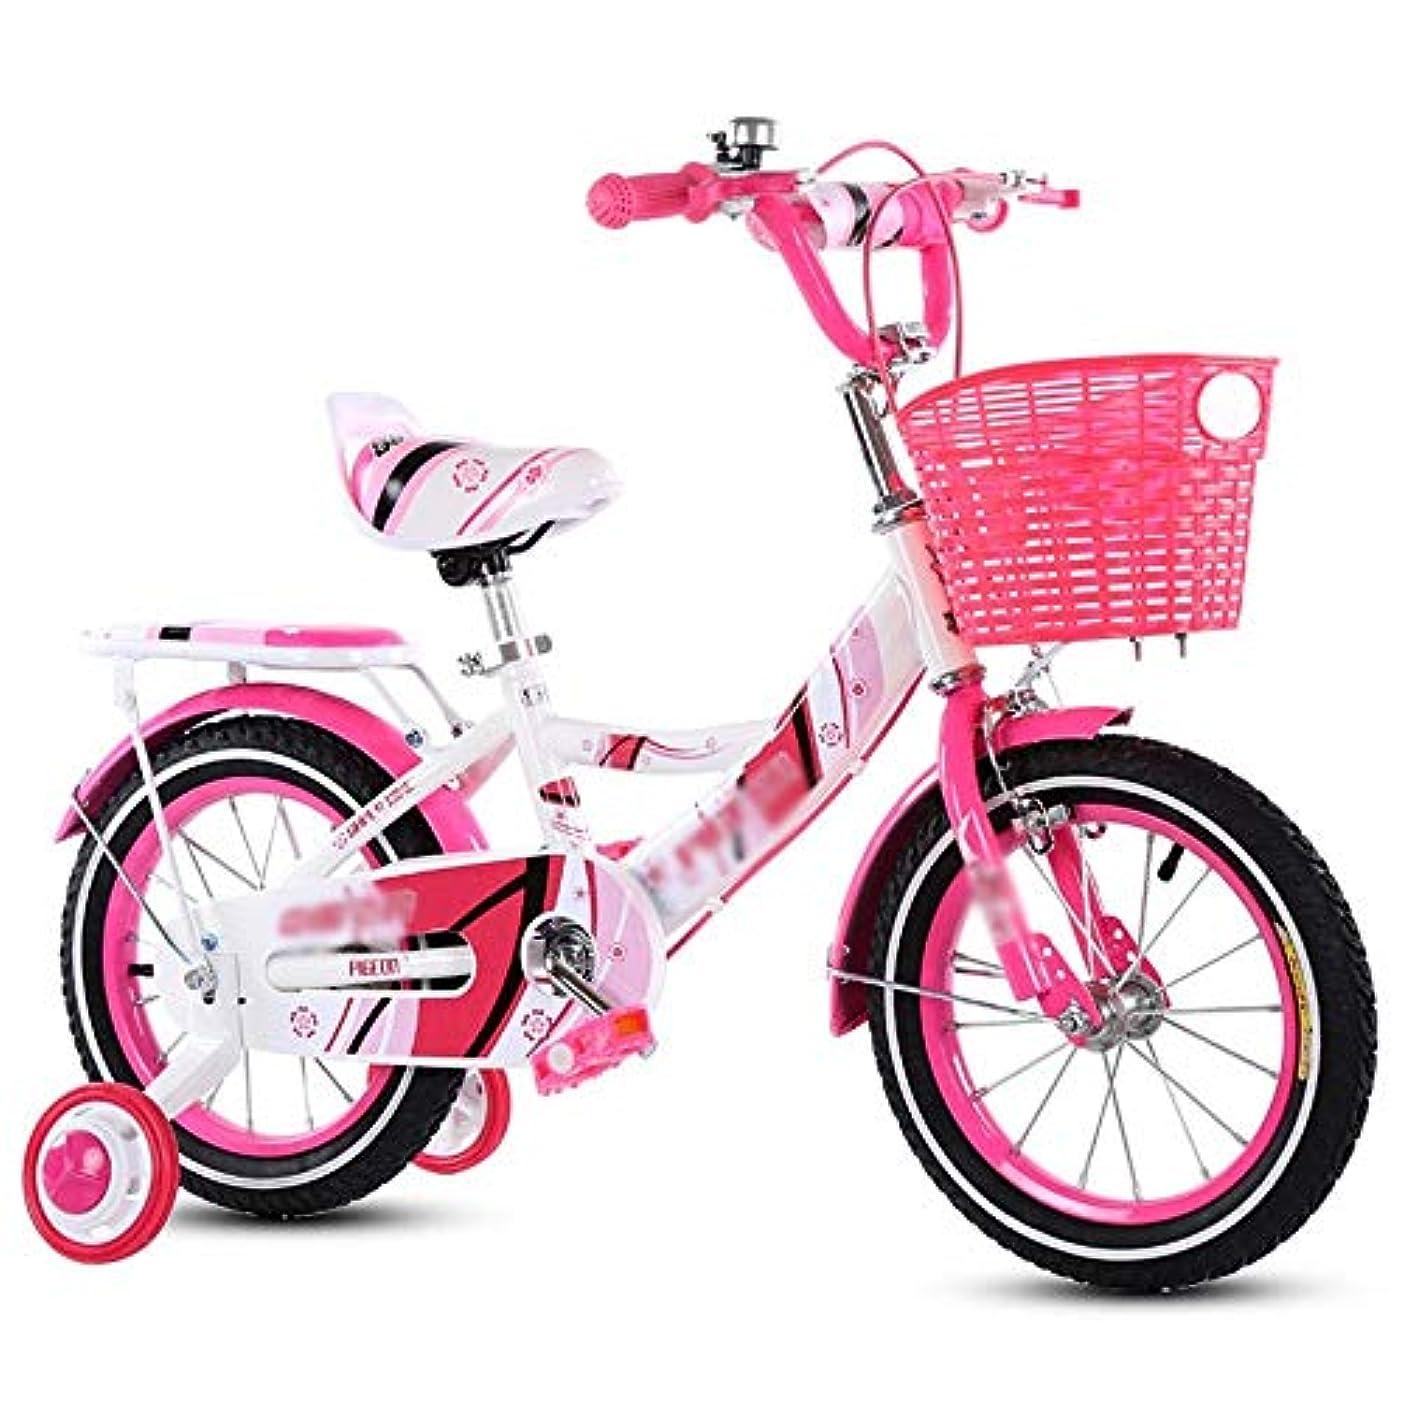 エラー管理する傾向があります自転車こども バスケット付きガールズバイク、トレーニングホイール付き12,14,16,18インチのガールズバイク、子供用のギフト、女の子の自転車 -アウトドアスポーツ